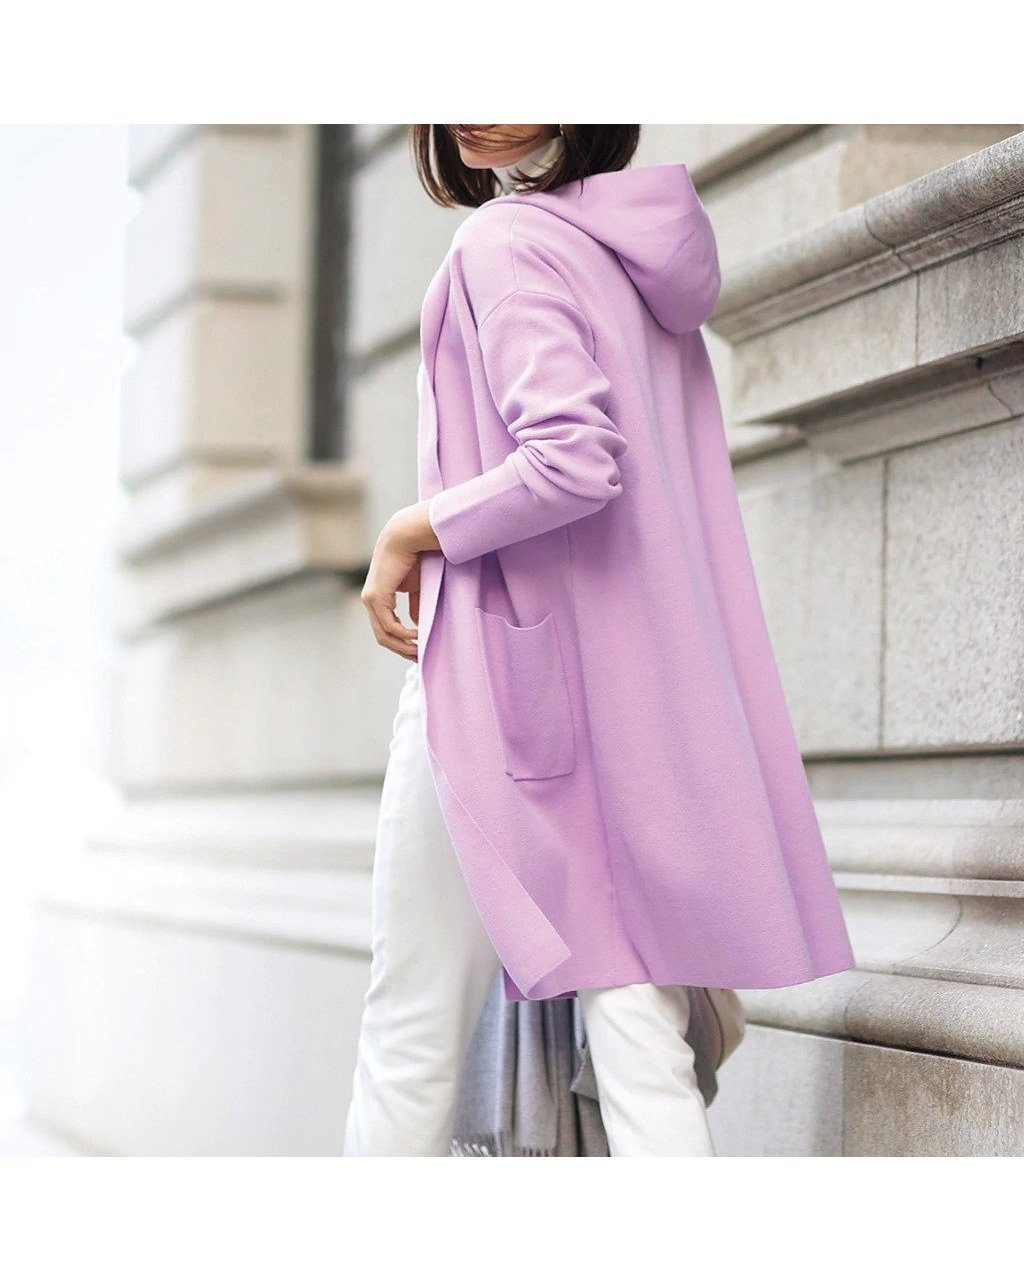 春の始まりは「大人かわいく」あったか軽やかなミラノリブ・着流しフードコート おすすめで人気、流行・トレンド、ファッション通販商品 インテリア・家具・キッズファッション・メンズファッション・レディースファッション・服の通販 founy(ファニー) 【ドゥクラッセ/DoCLASSE】 トレンドファッション・スタイル  Fashion trends ブランド Brand ファッション Fashion レディースファッション WOMEN アウター Coat Outerwear コート Coats ミドル ミラノリブ 春 Spring  ID:prp329100001133219